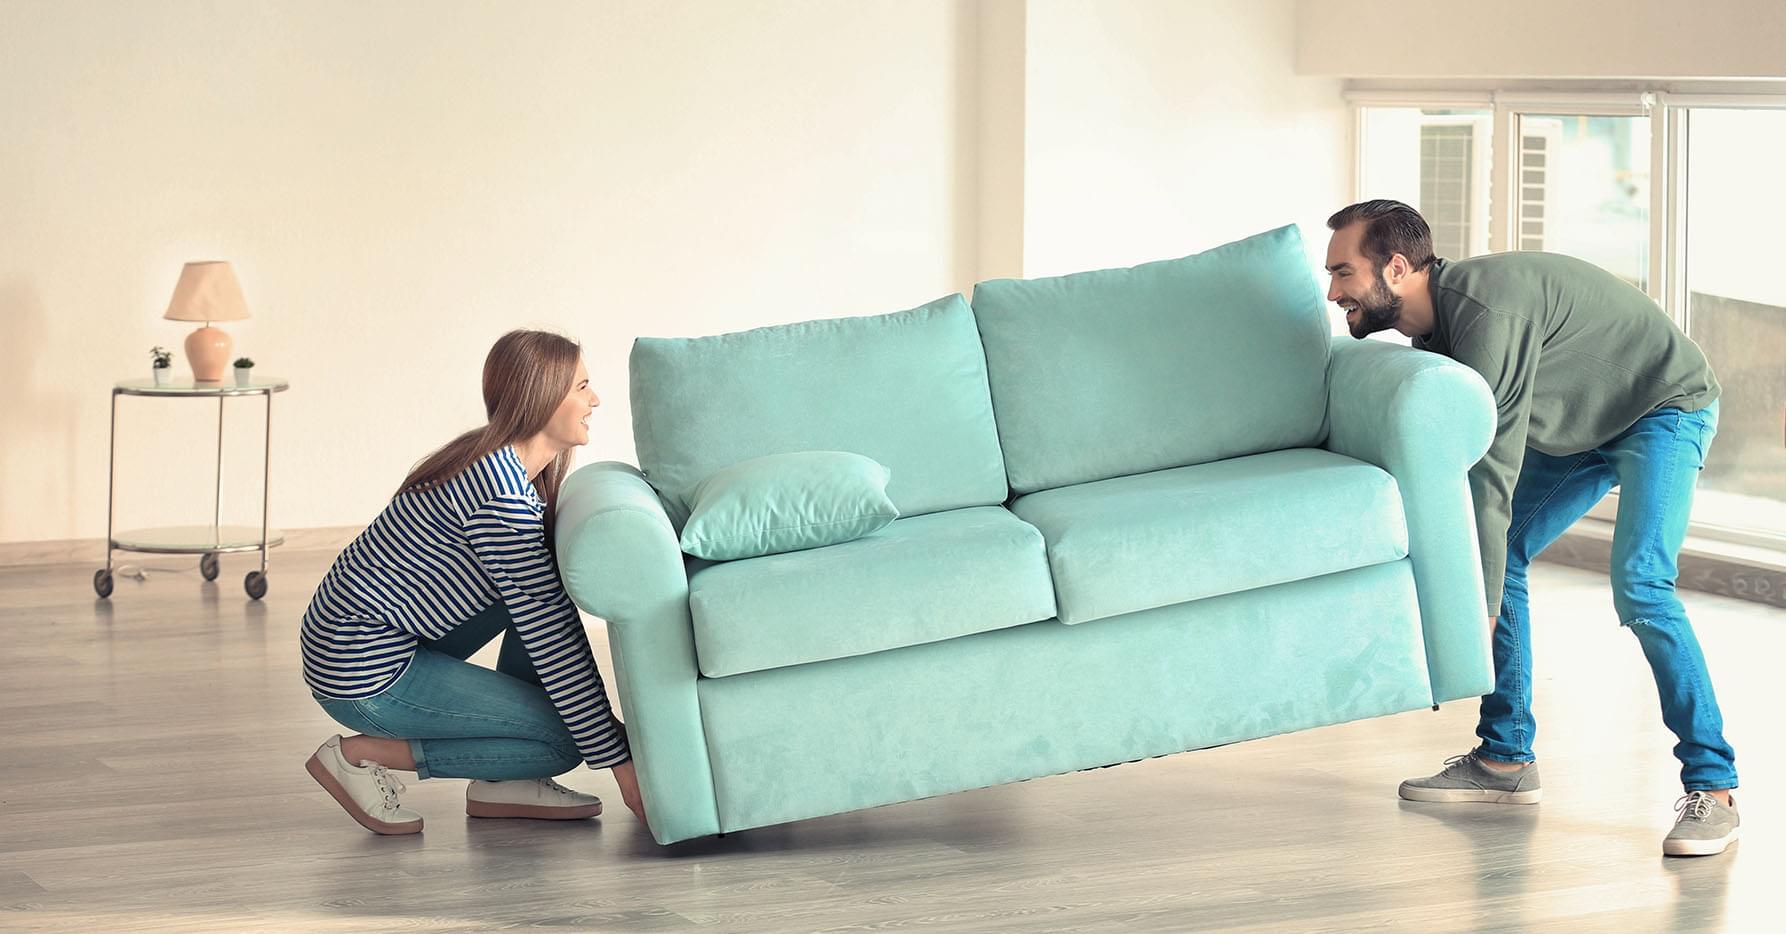 Ideas para decorar tu casa sin gastar mucho dinero for Ideas para decorar tu casa sin gastar mucho